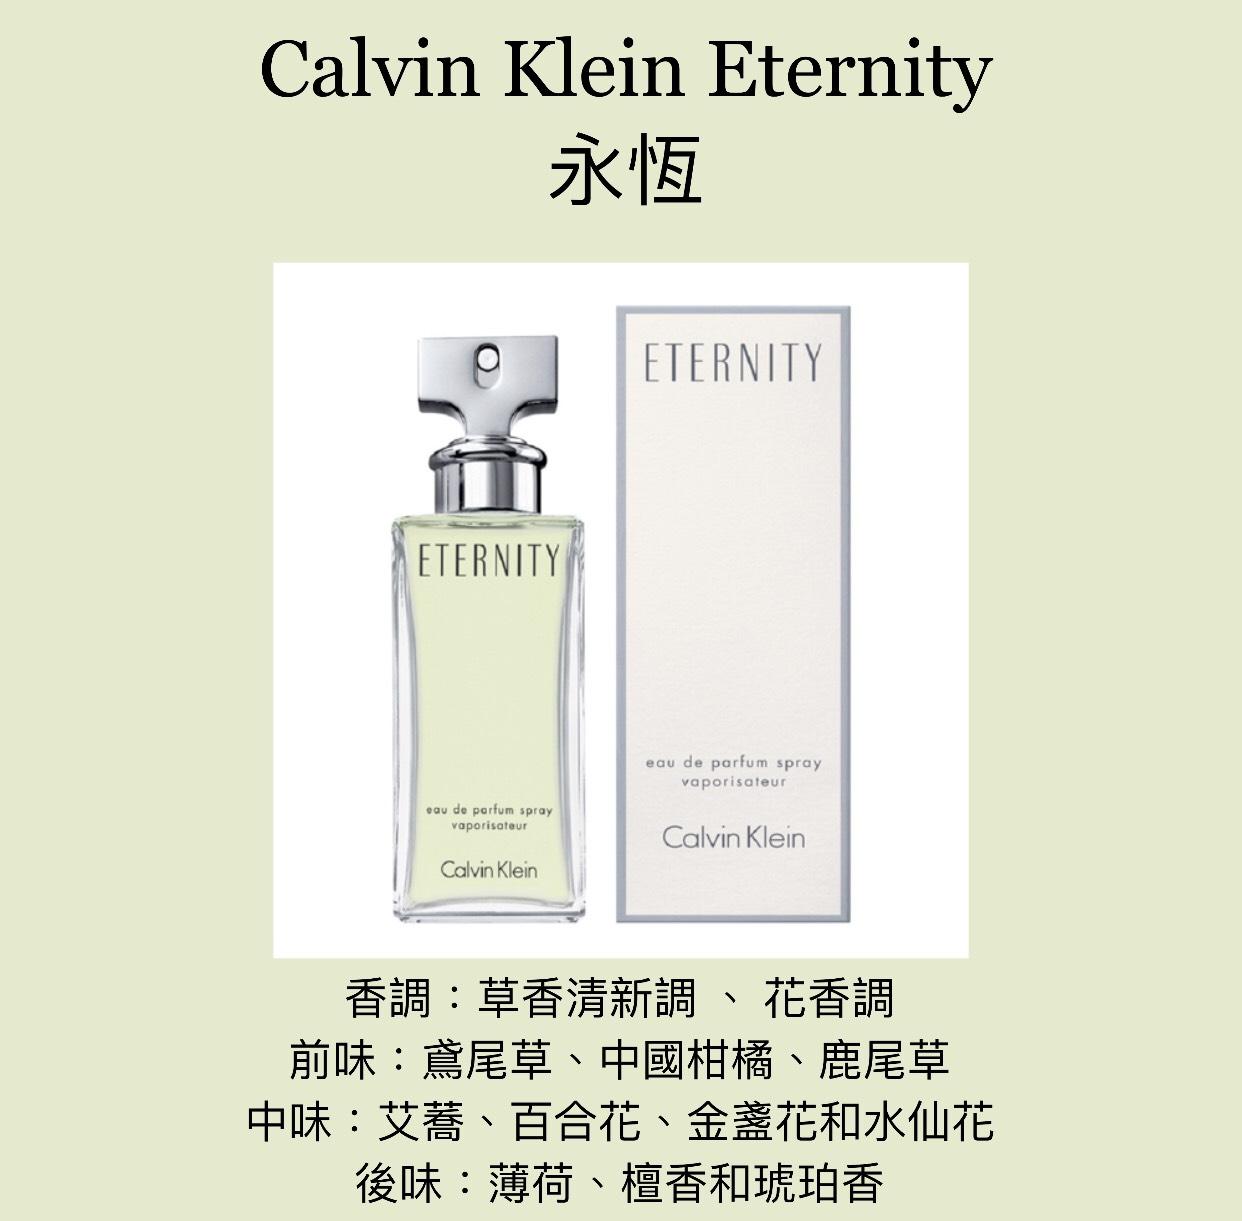 【香舍】Calvin Klein Ck Eternity 永恆 女性淡香精 100ML